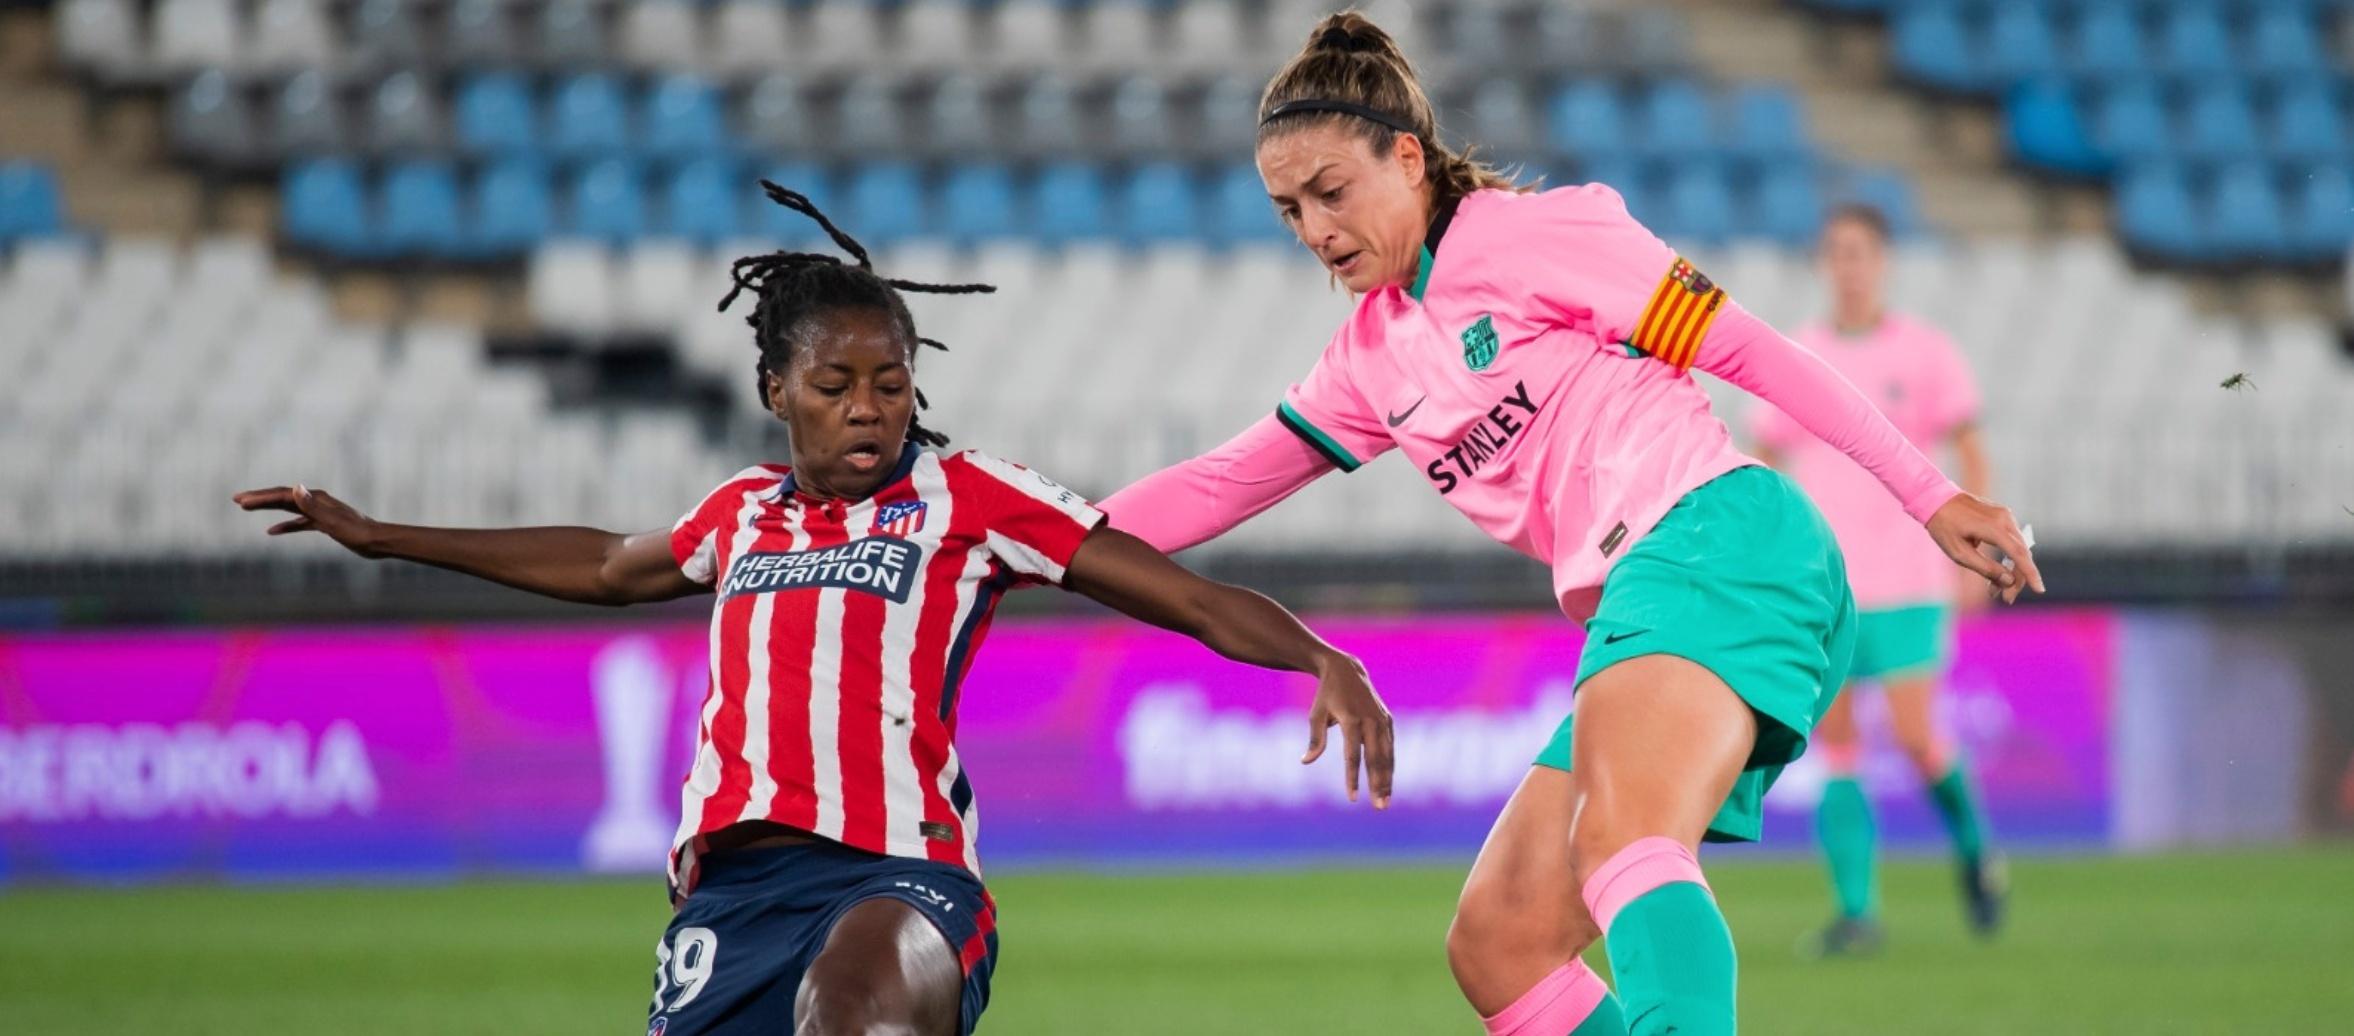 El FC Barcelona cae en los penaltis y se pierde la final de la Supercopa femenina